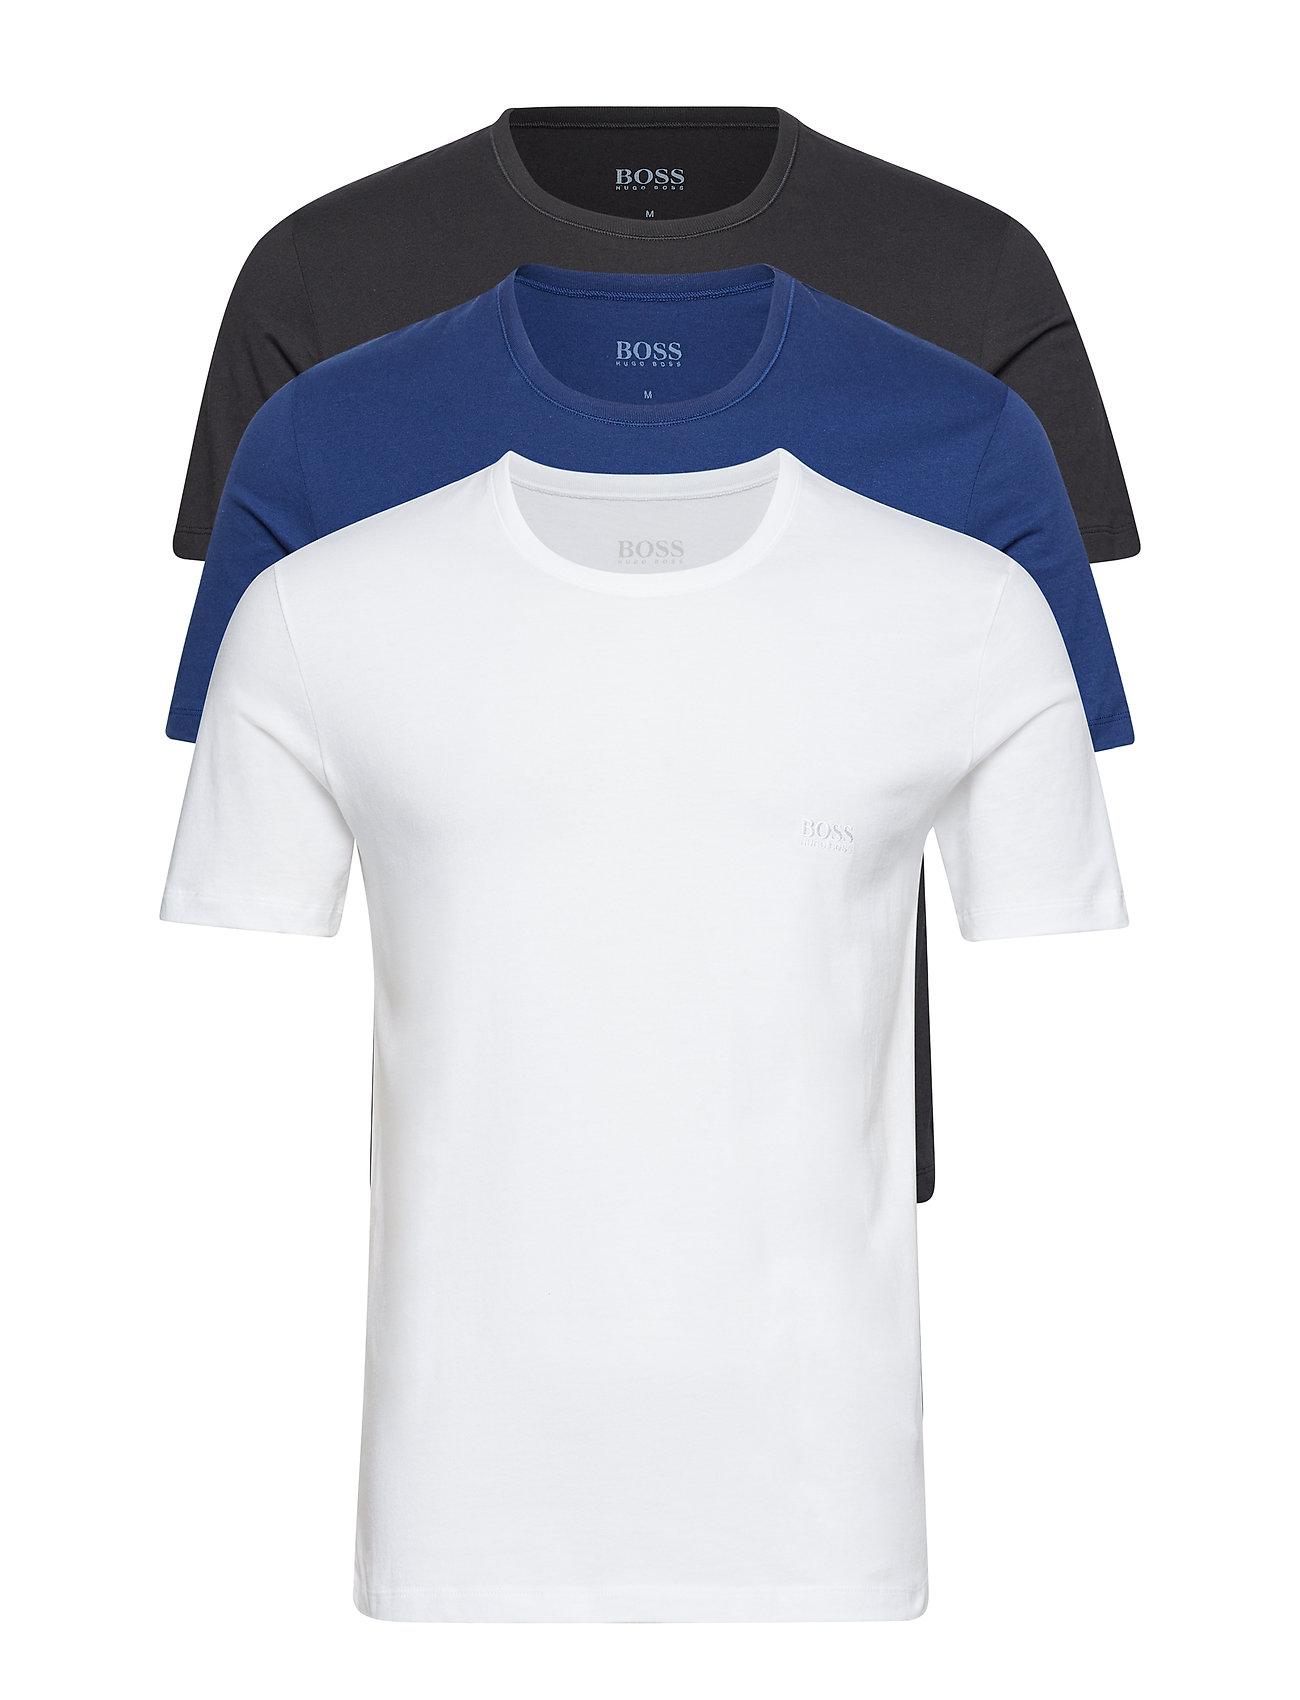 BOSS Business T-Shirt RN 3P CO - OPEN BLUE